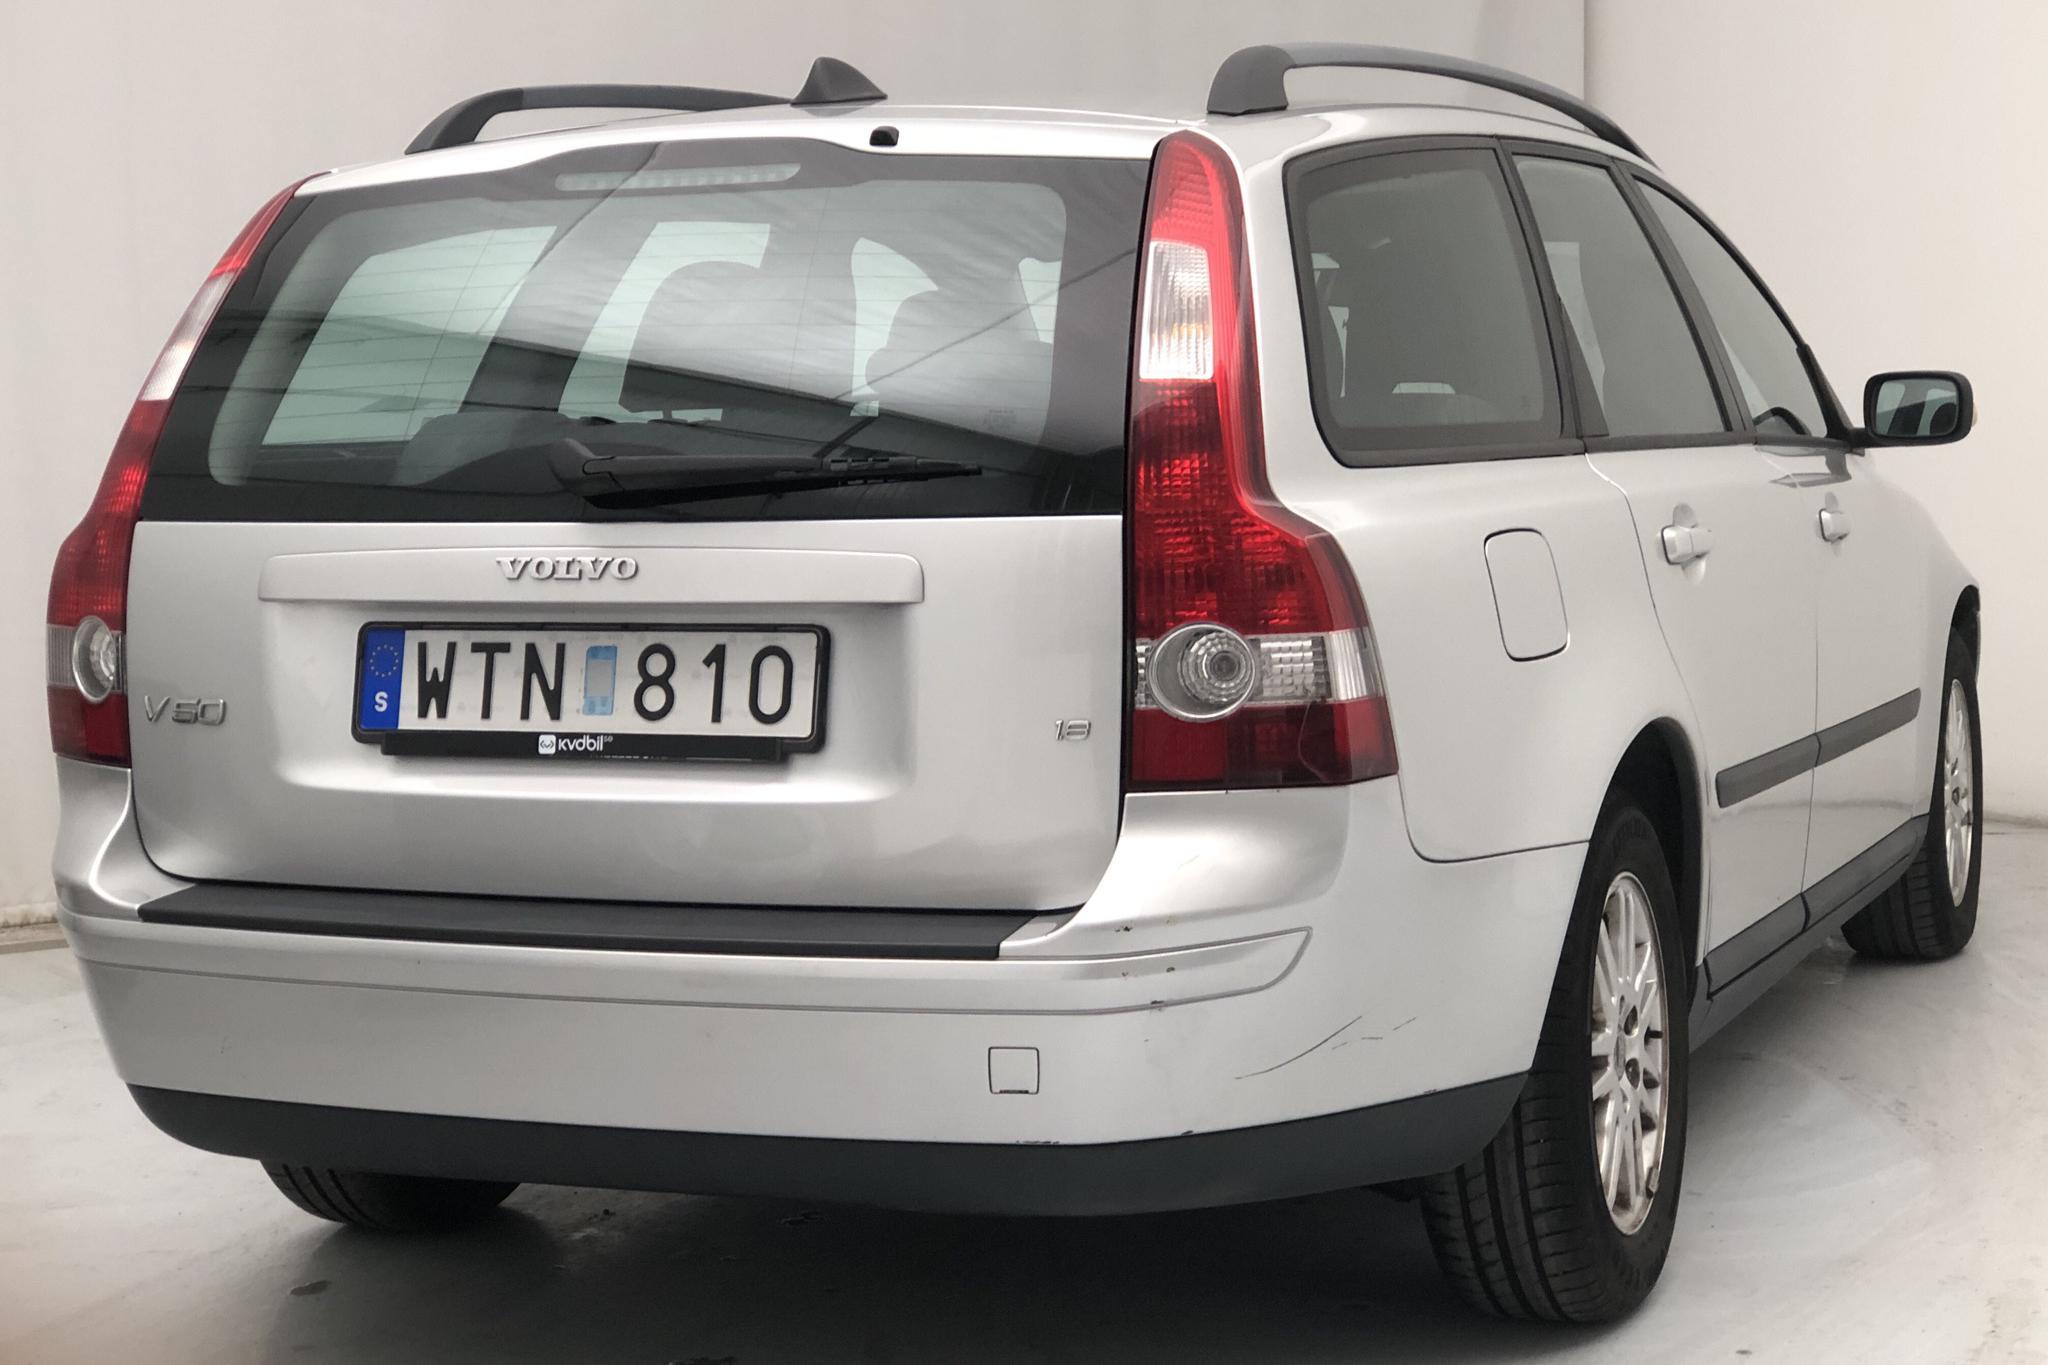 Volvo V50 1.8 (125hk) - 102 140 km - Manual - Light Grey - 2005